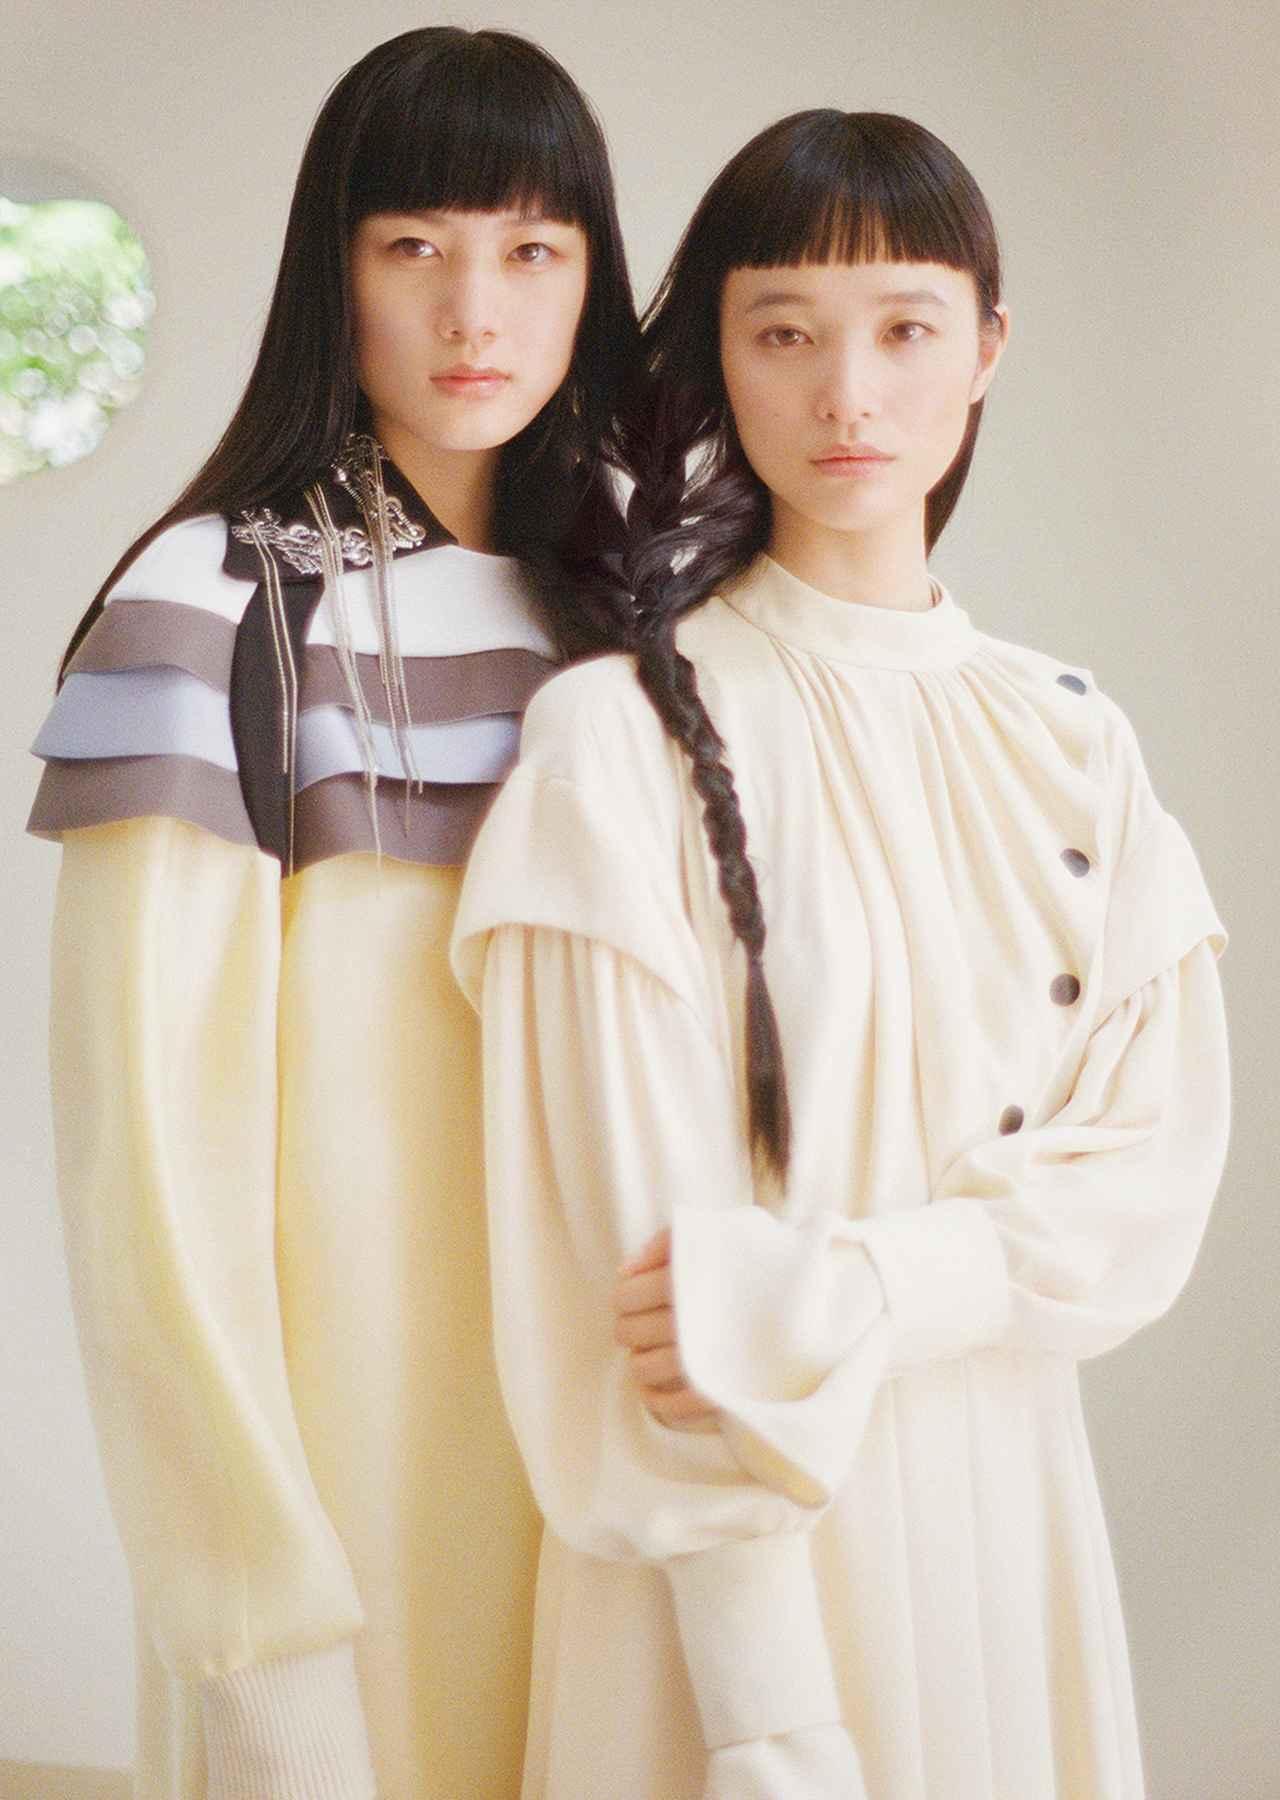 Images : 1番目の画像 - 「日々是好日、ドレス日和 ―― 明日からドレスで自由に生きる」のアルバム - T JAPAN:The New York Times Style Magazine 公式サイト